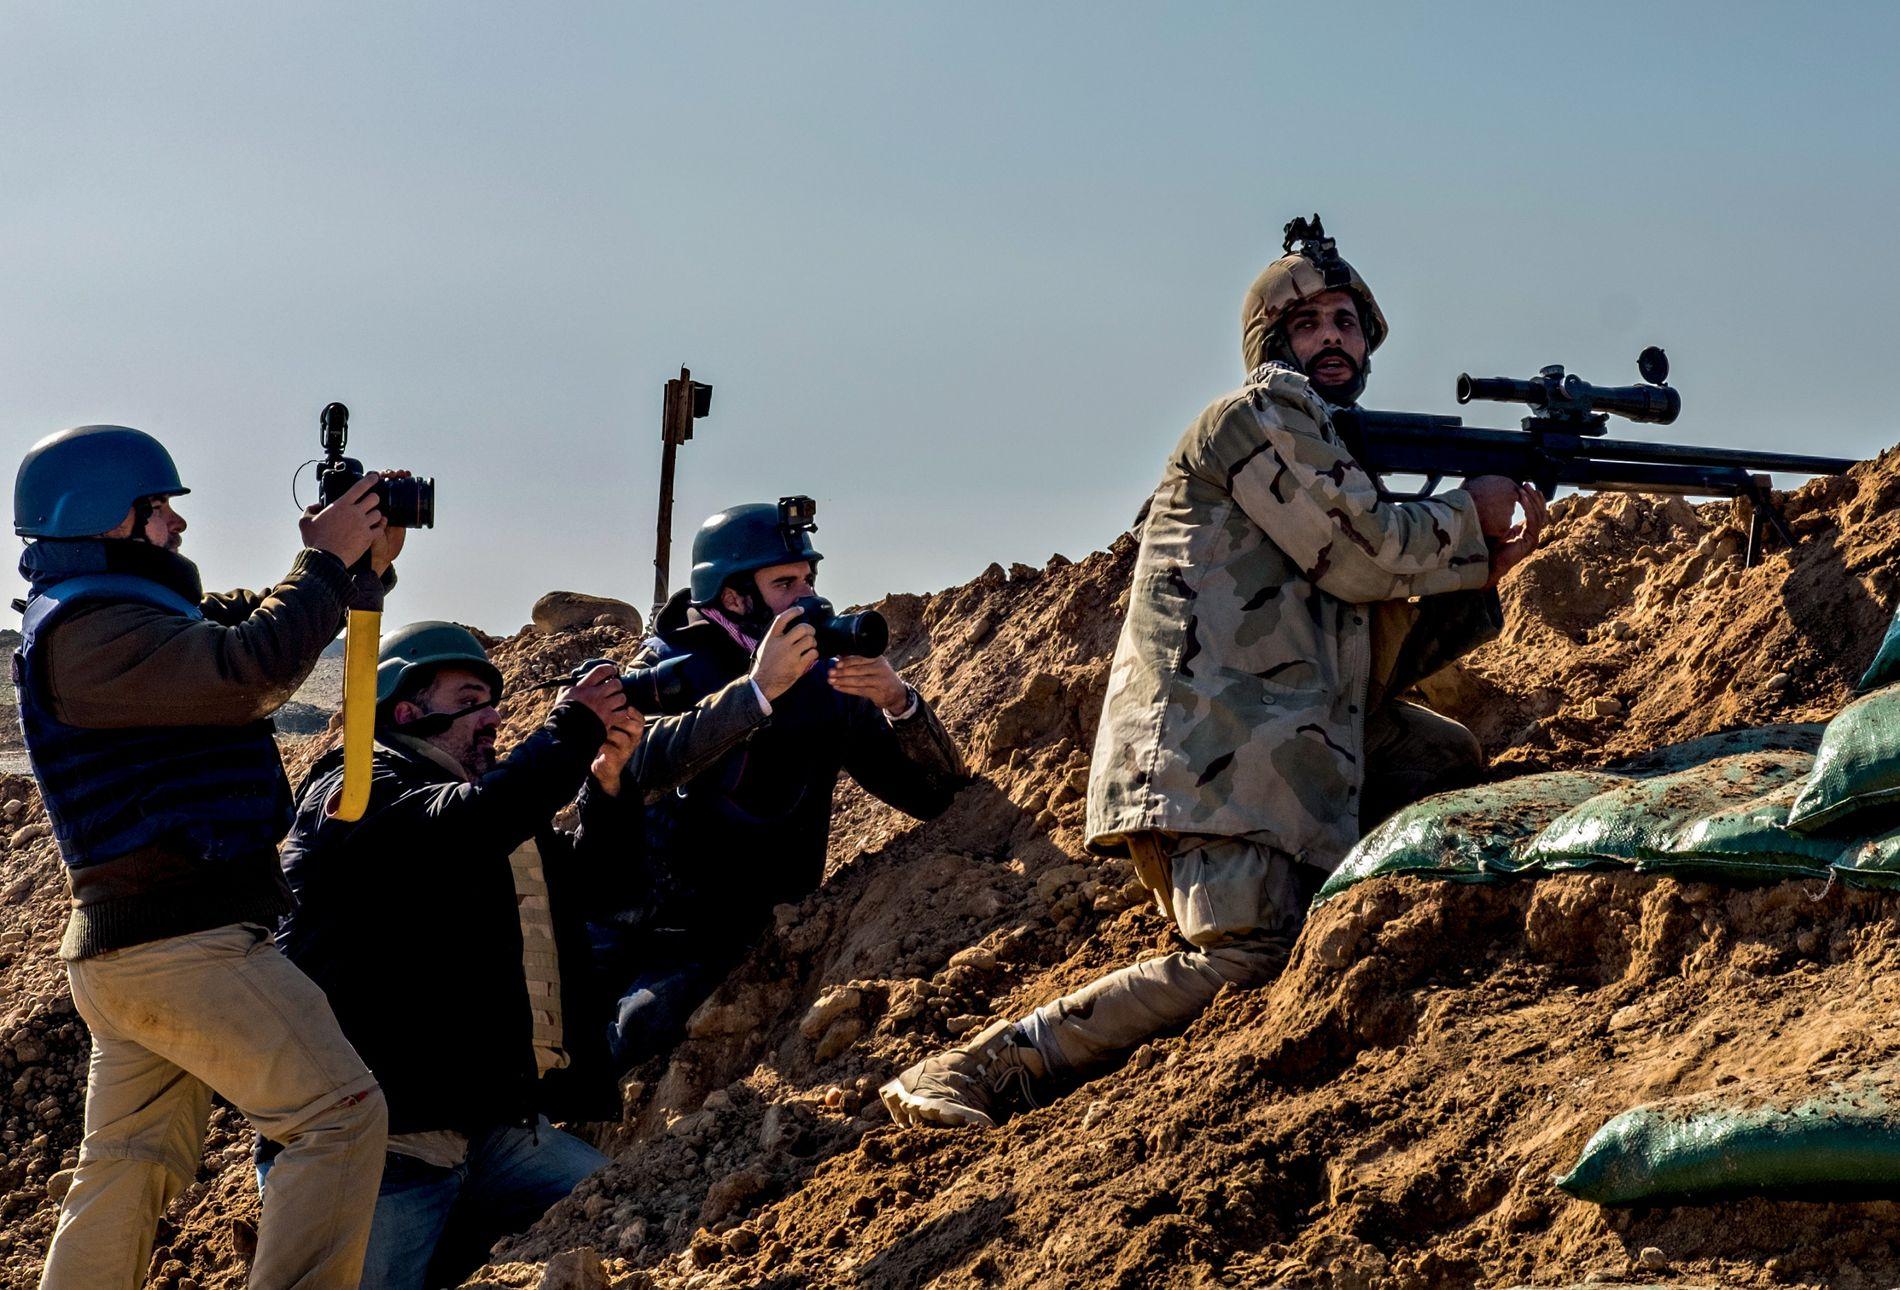 Em 2 de janeiro, o brasileiro Yan Boechat (no meio, entre os espanhóis Ángel Manuel Sastre e Pablo Cobos) trabalhava em Ganus, a 40 quilômetros de Mosul. O atirador curdo disparava contra posições do Isis logo adiante.